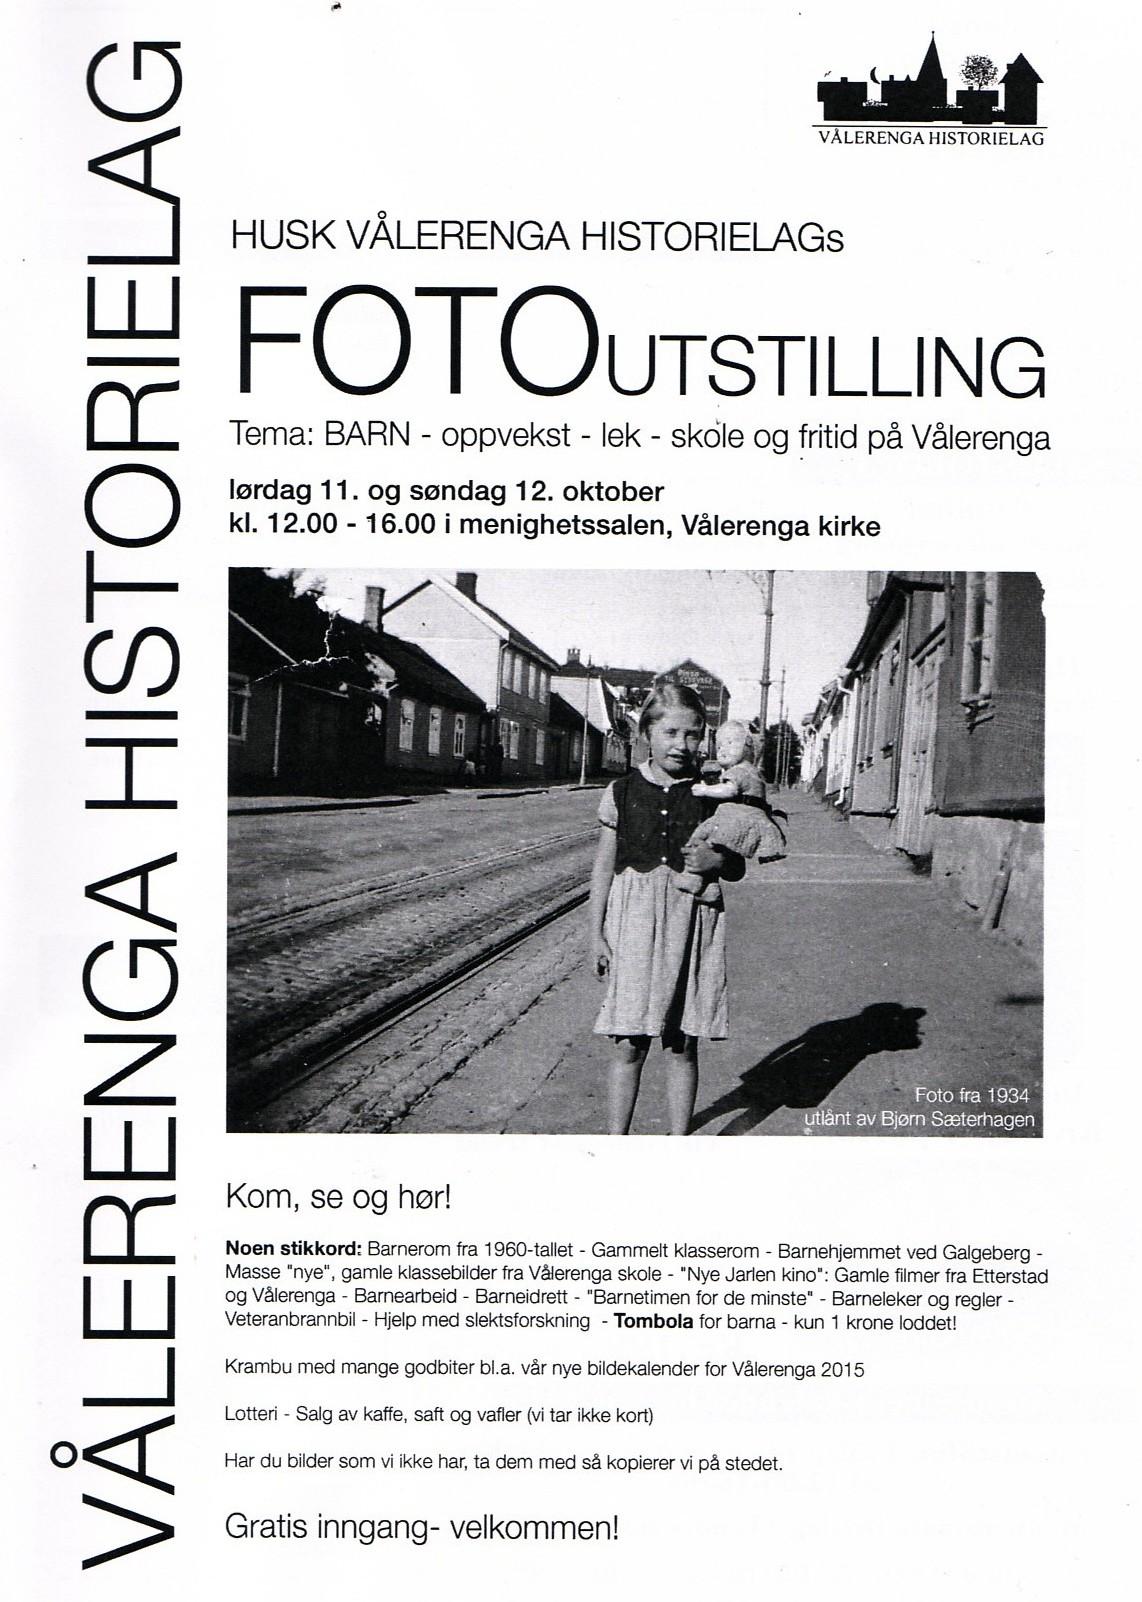 Fotoutstilling2014_100